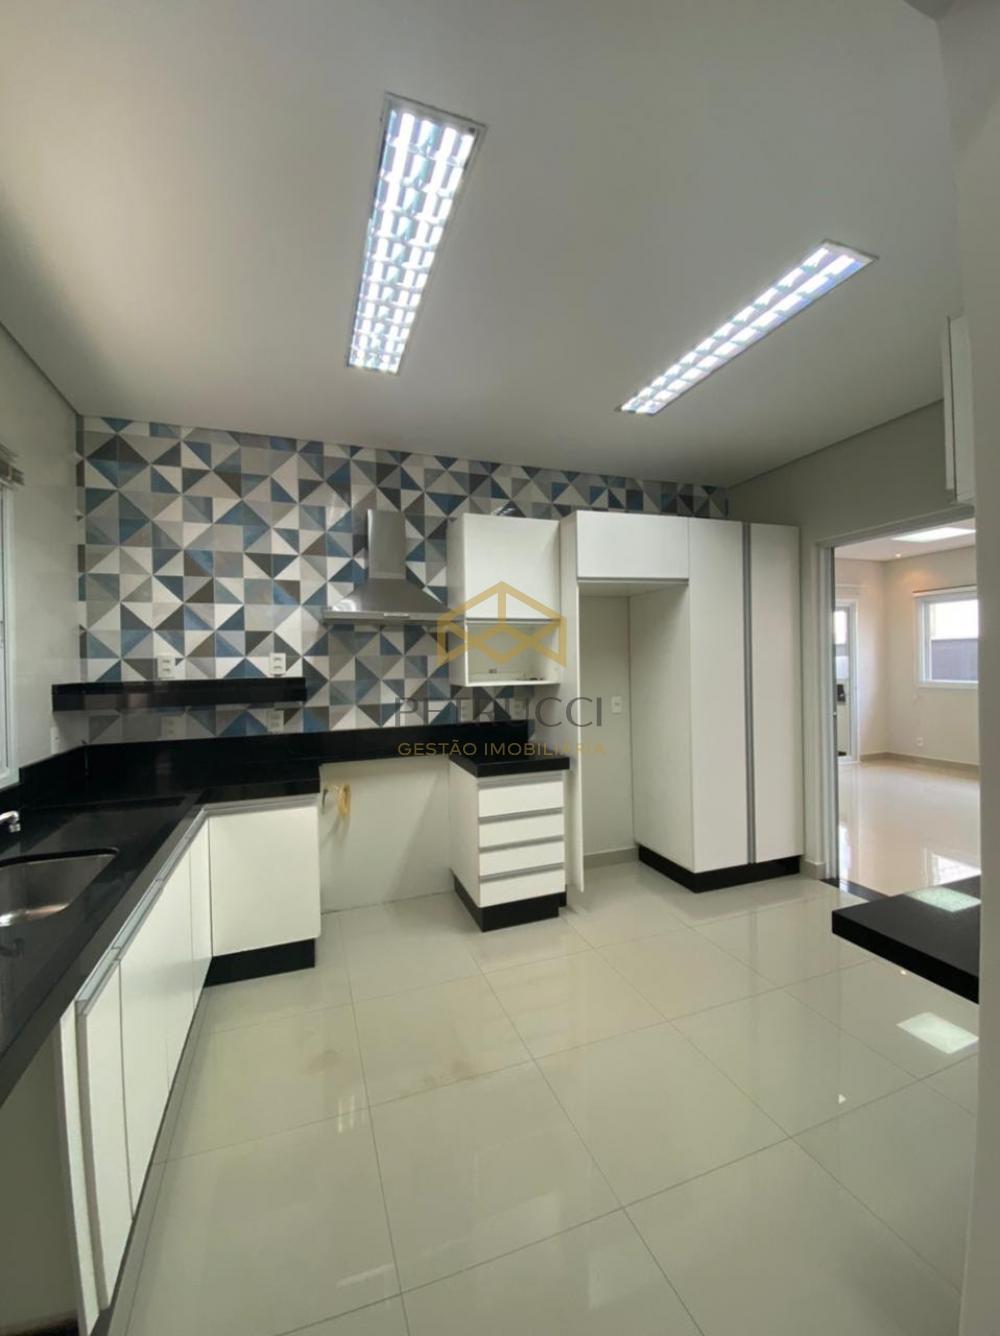 Comprar Casa / Térrea em Paulínia R$ 990.000,00 - Foto 4